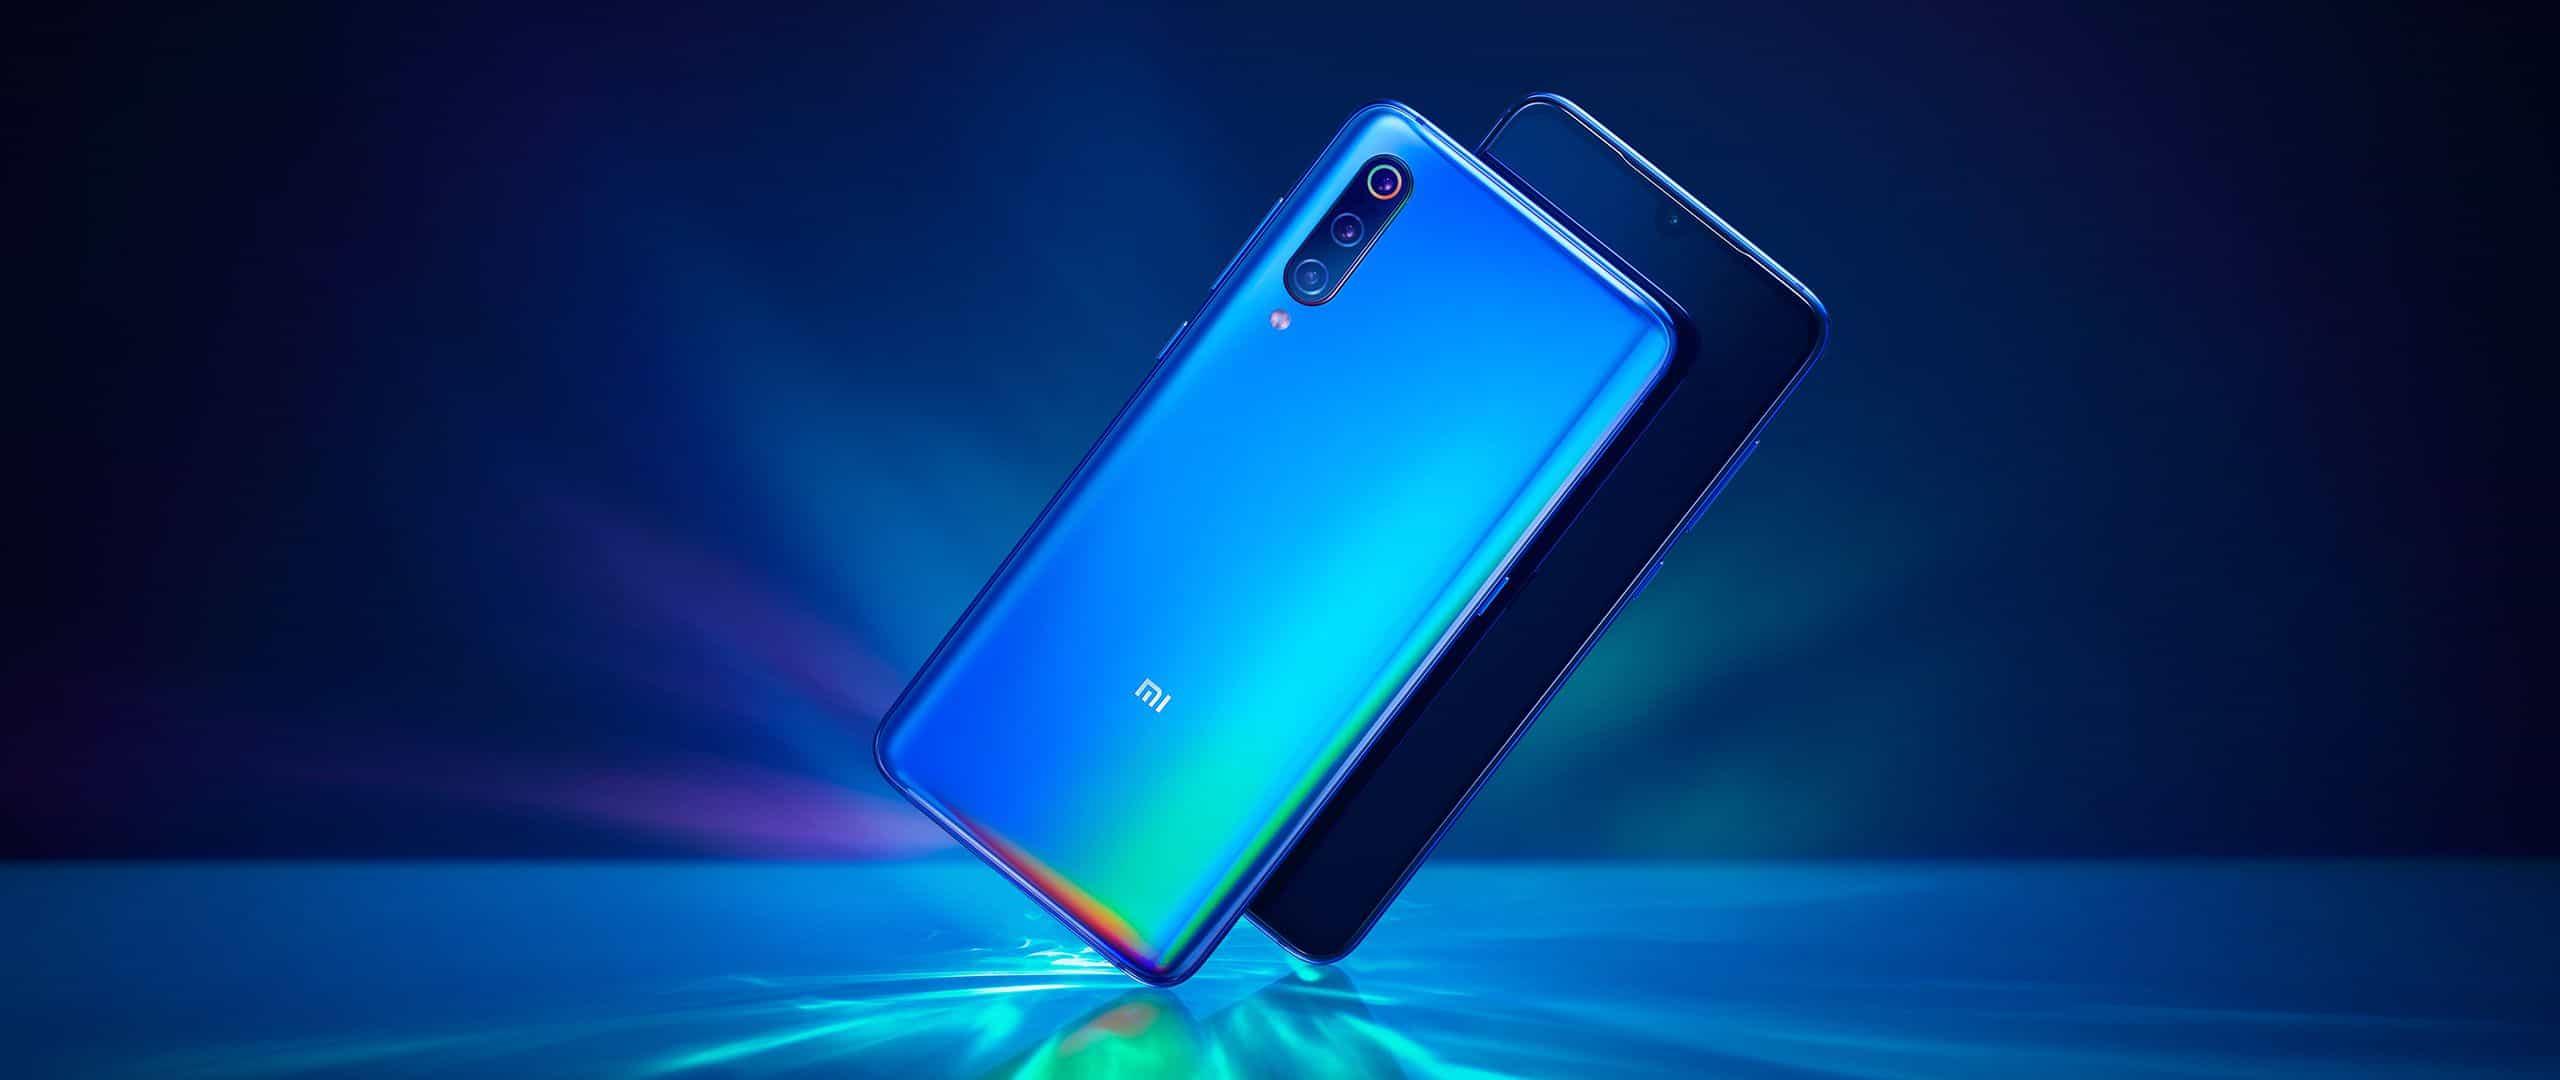 Xiaomi Mi 9: miglior smartphone per FOTO, tutte le specifiche complete